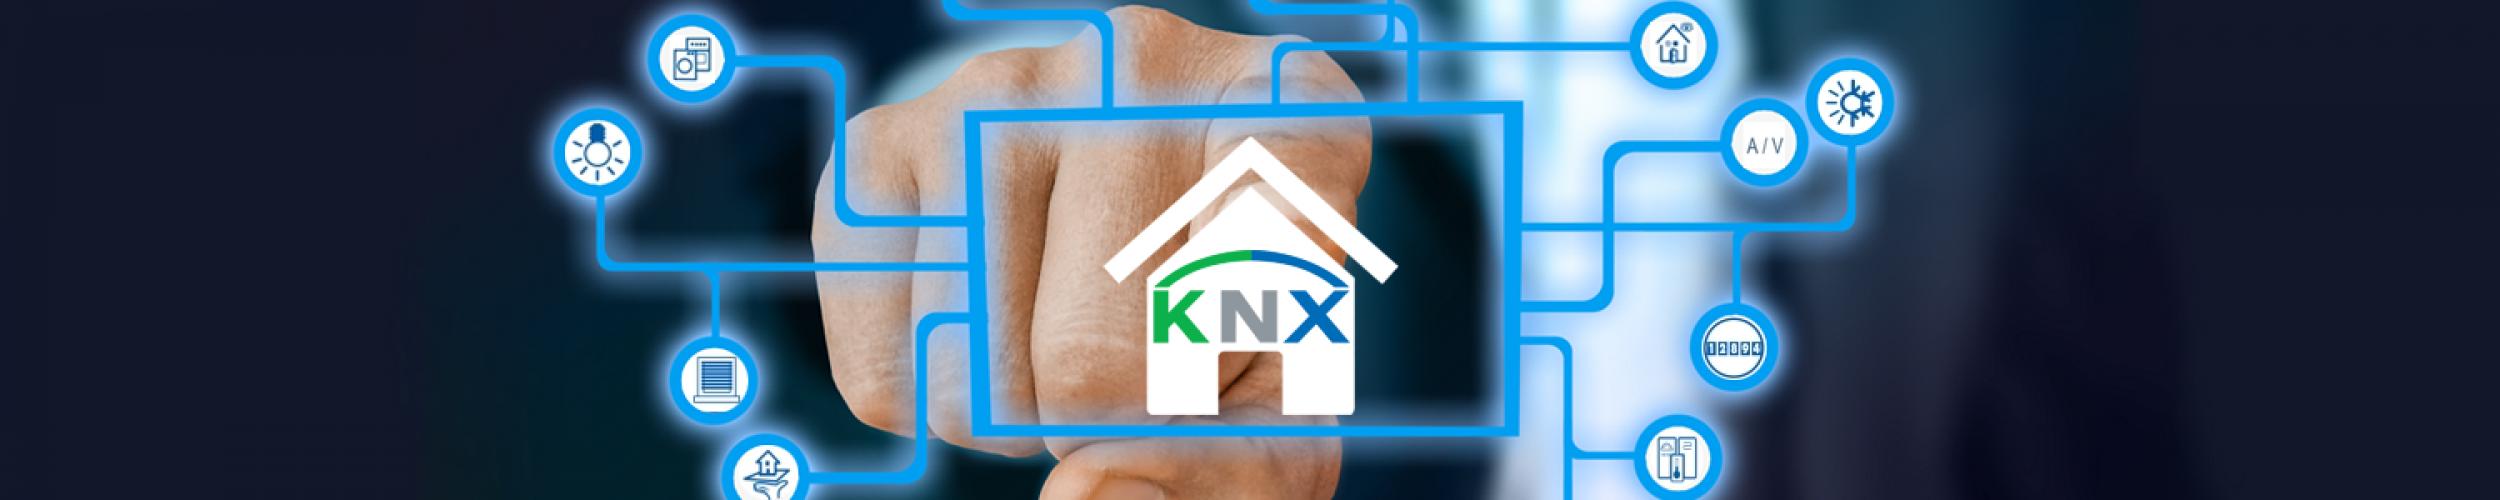 KNX vergroot de veiligheid. KNX zorgt voor meer comfort. KNX creëert energiezuinige woningen en gebouwen